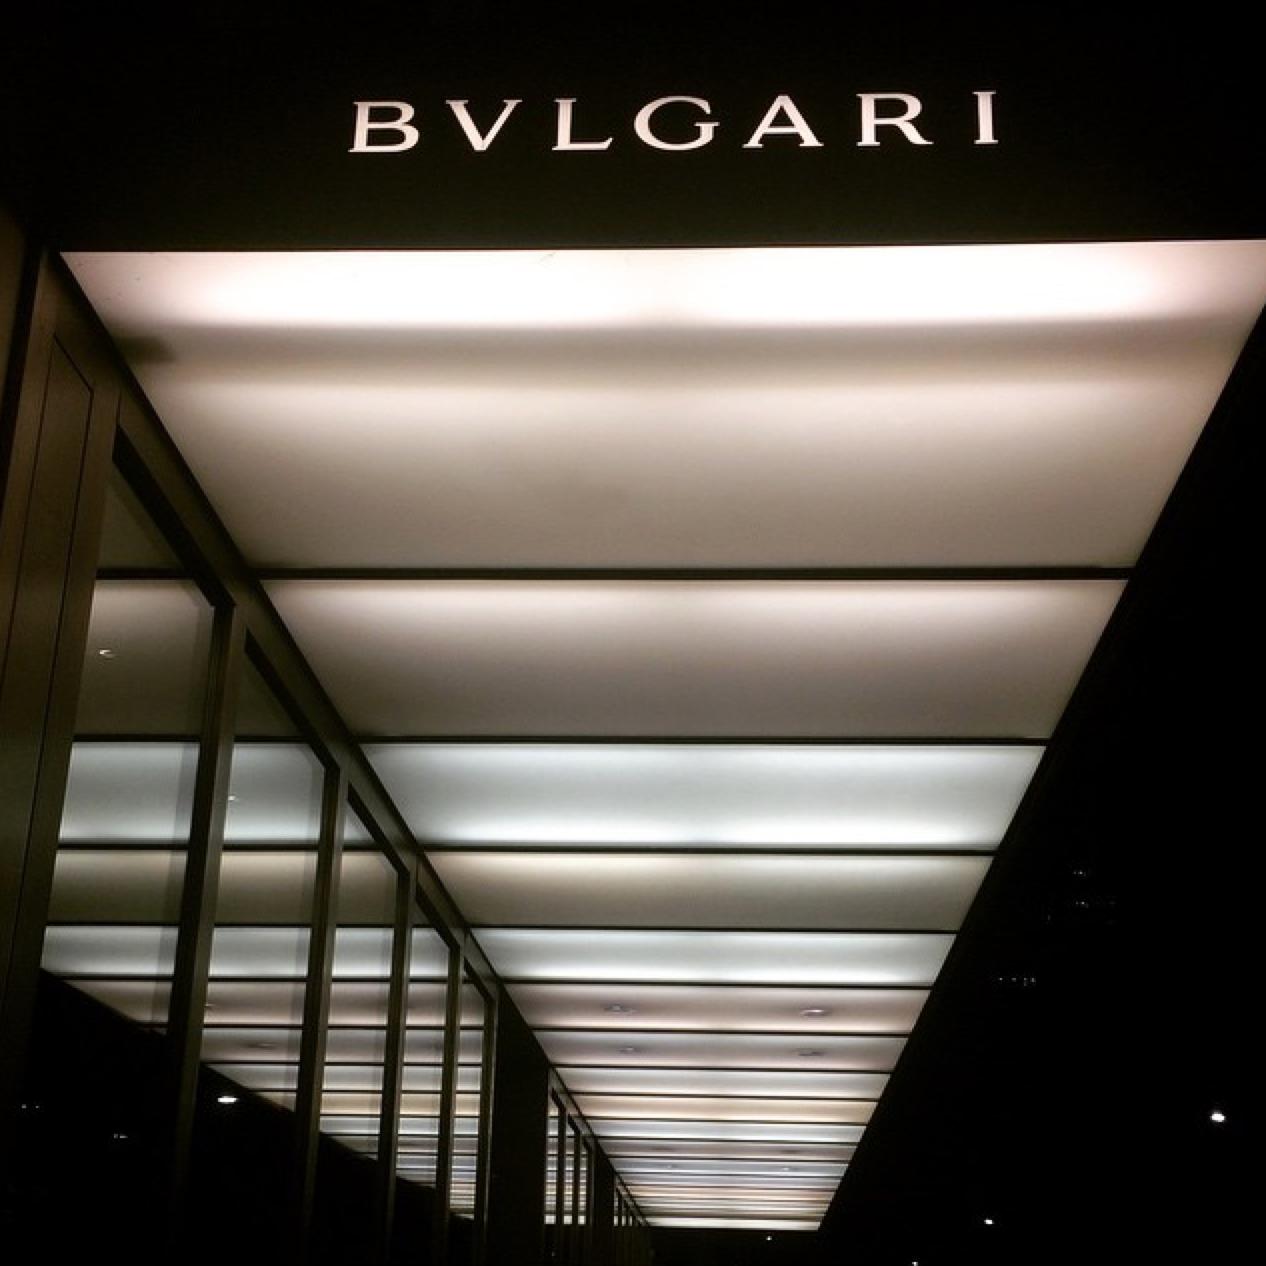 Knightsbridge Bulgari hotel.png